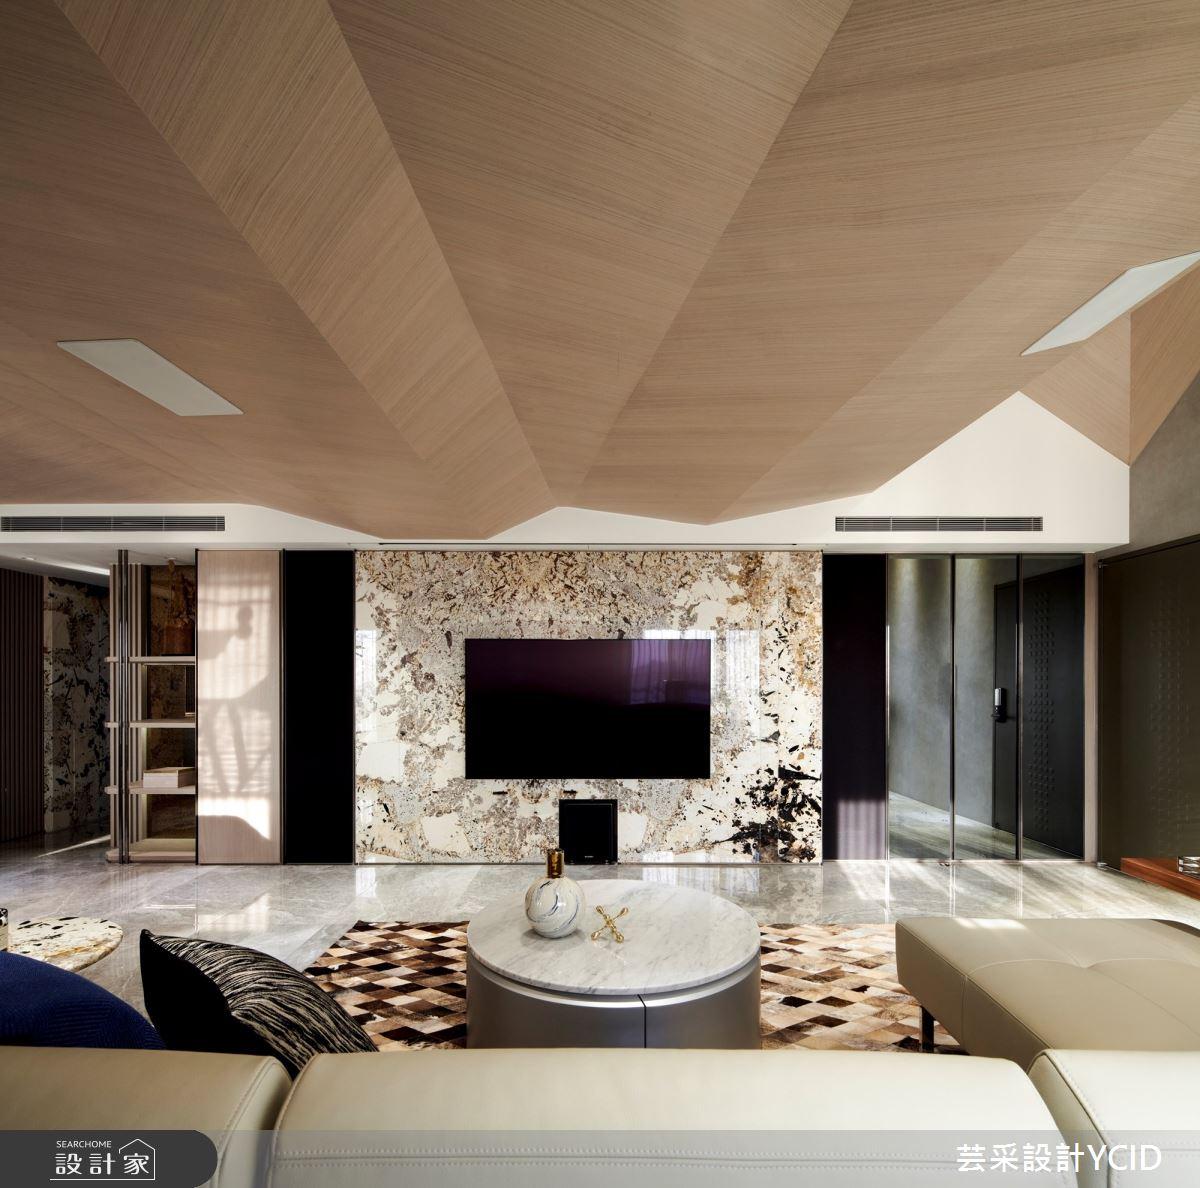 85坪新成屋(5年以下)_現代風客廳案例圖片_芸采創意空間設計公司_芸采_11之3